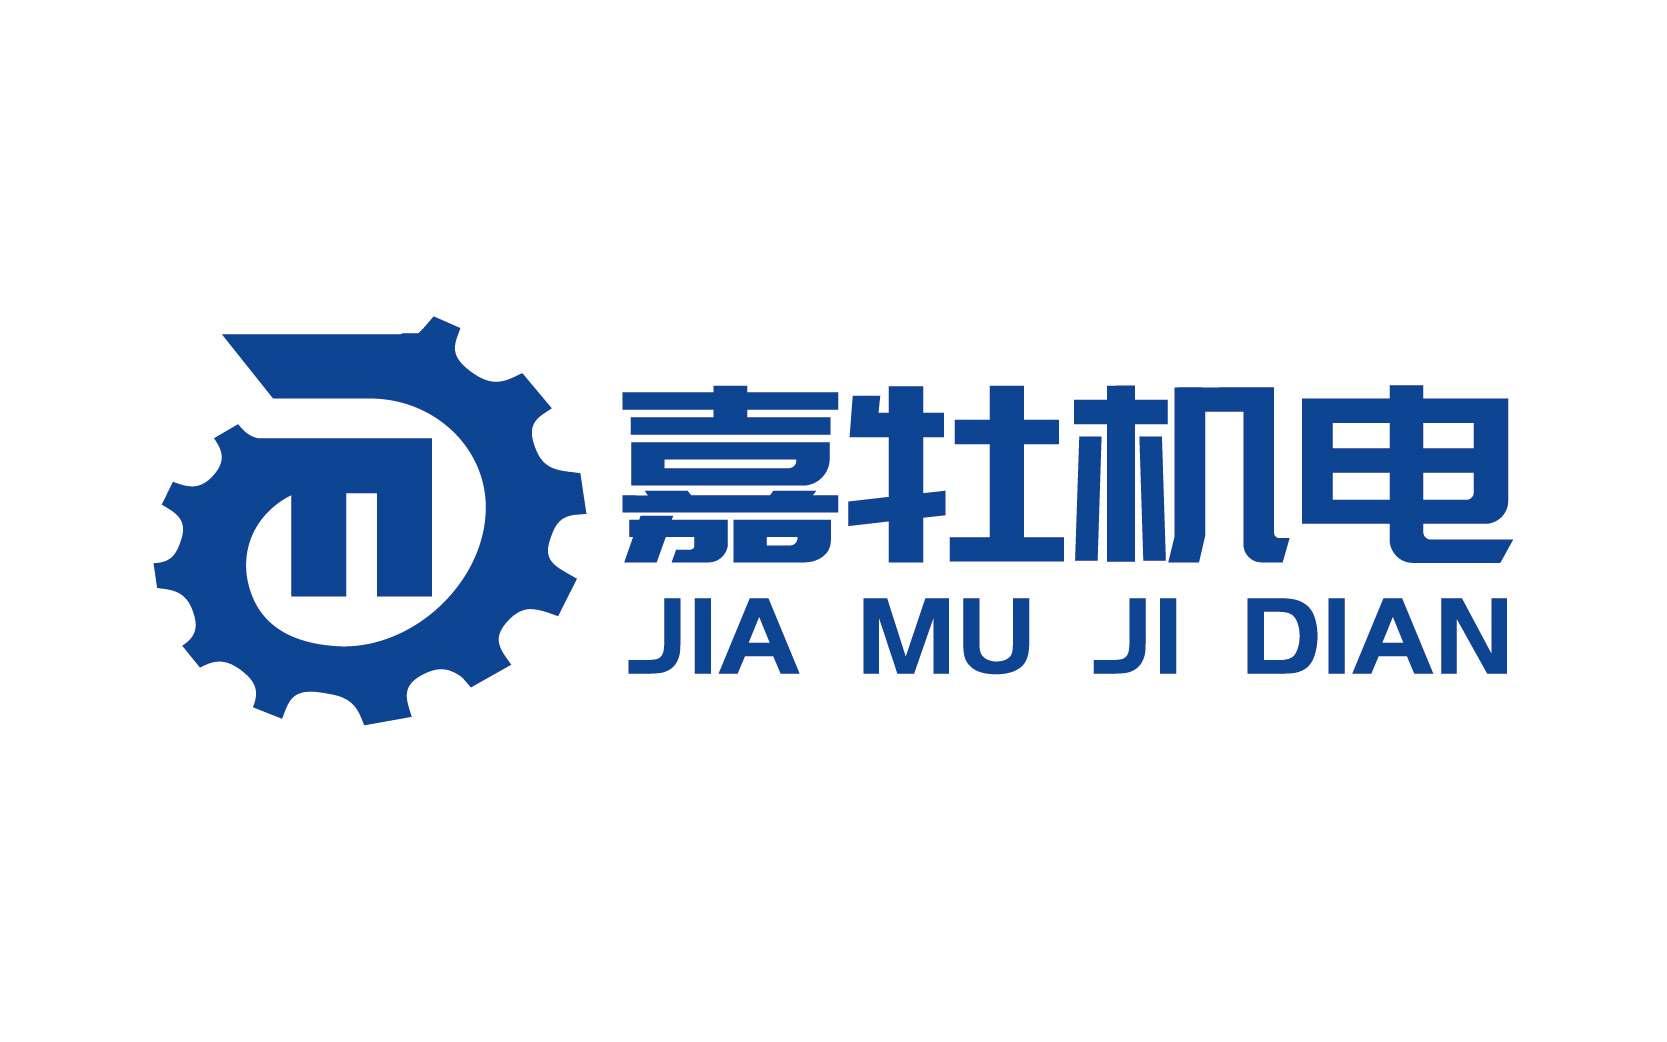 嘉牡机电设备(上海)有限公司